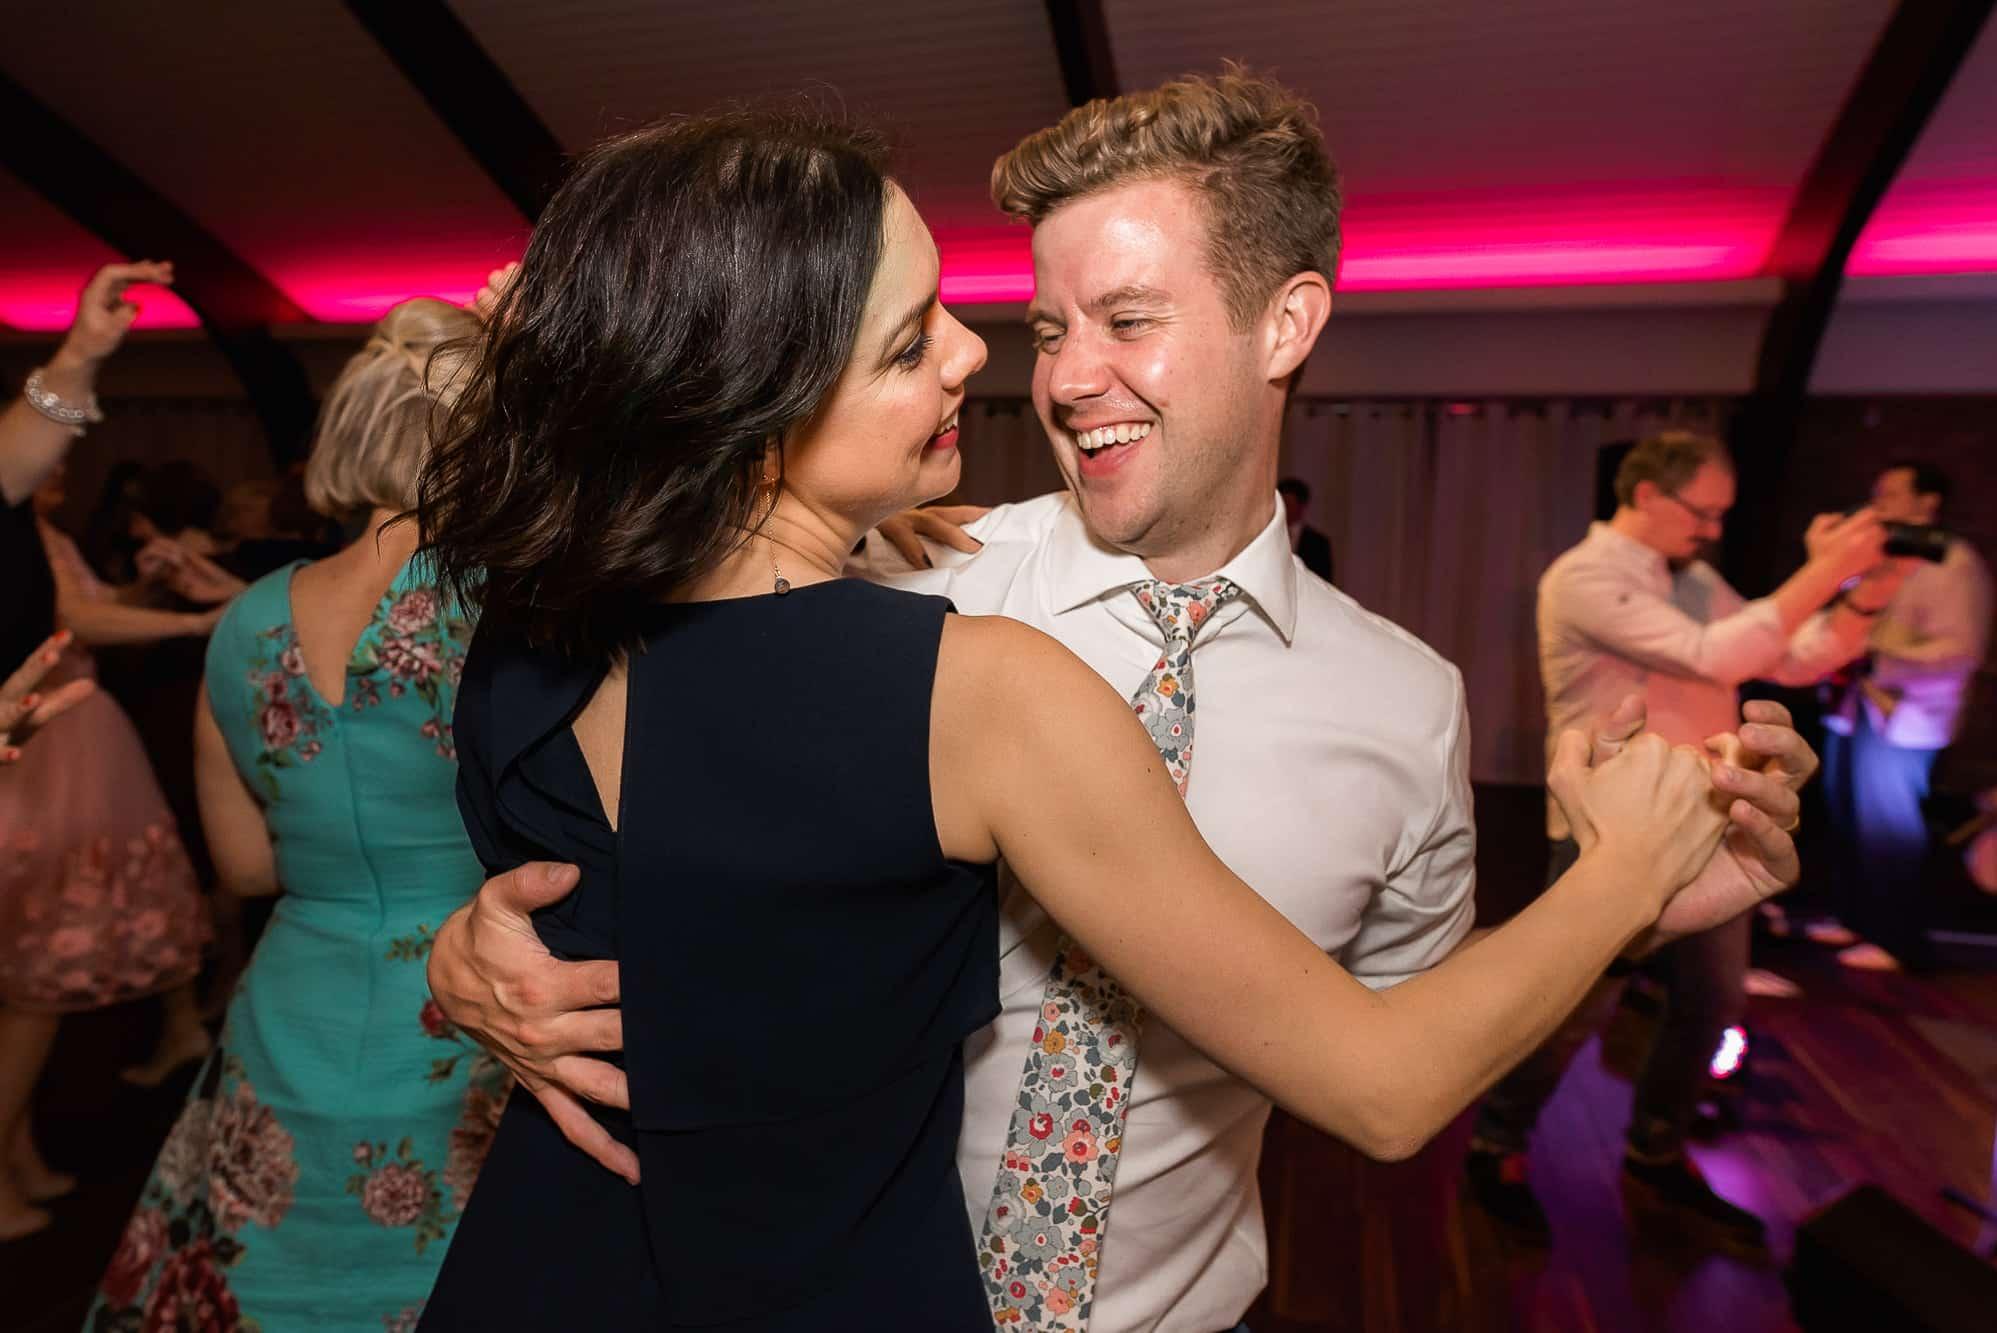 Dancing couple at Colshaw Hall